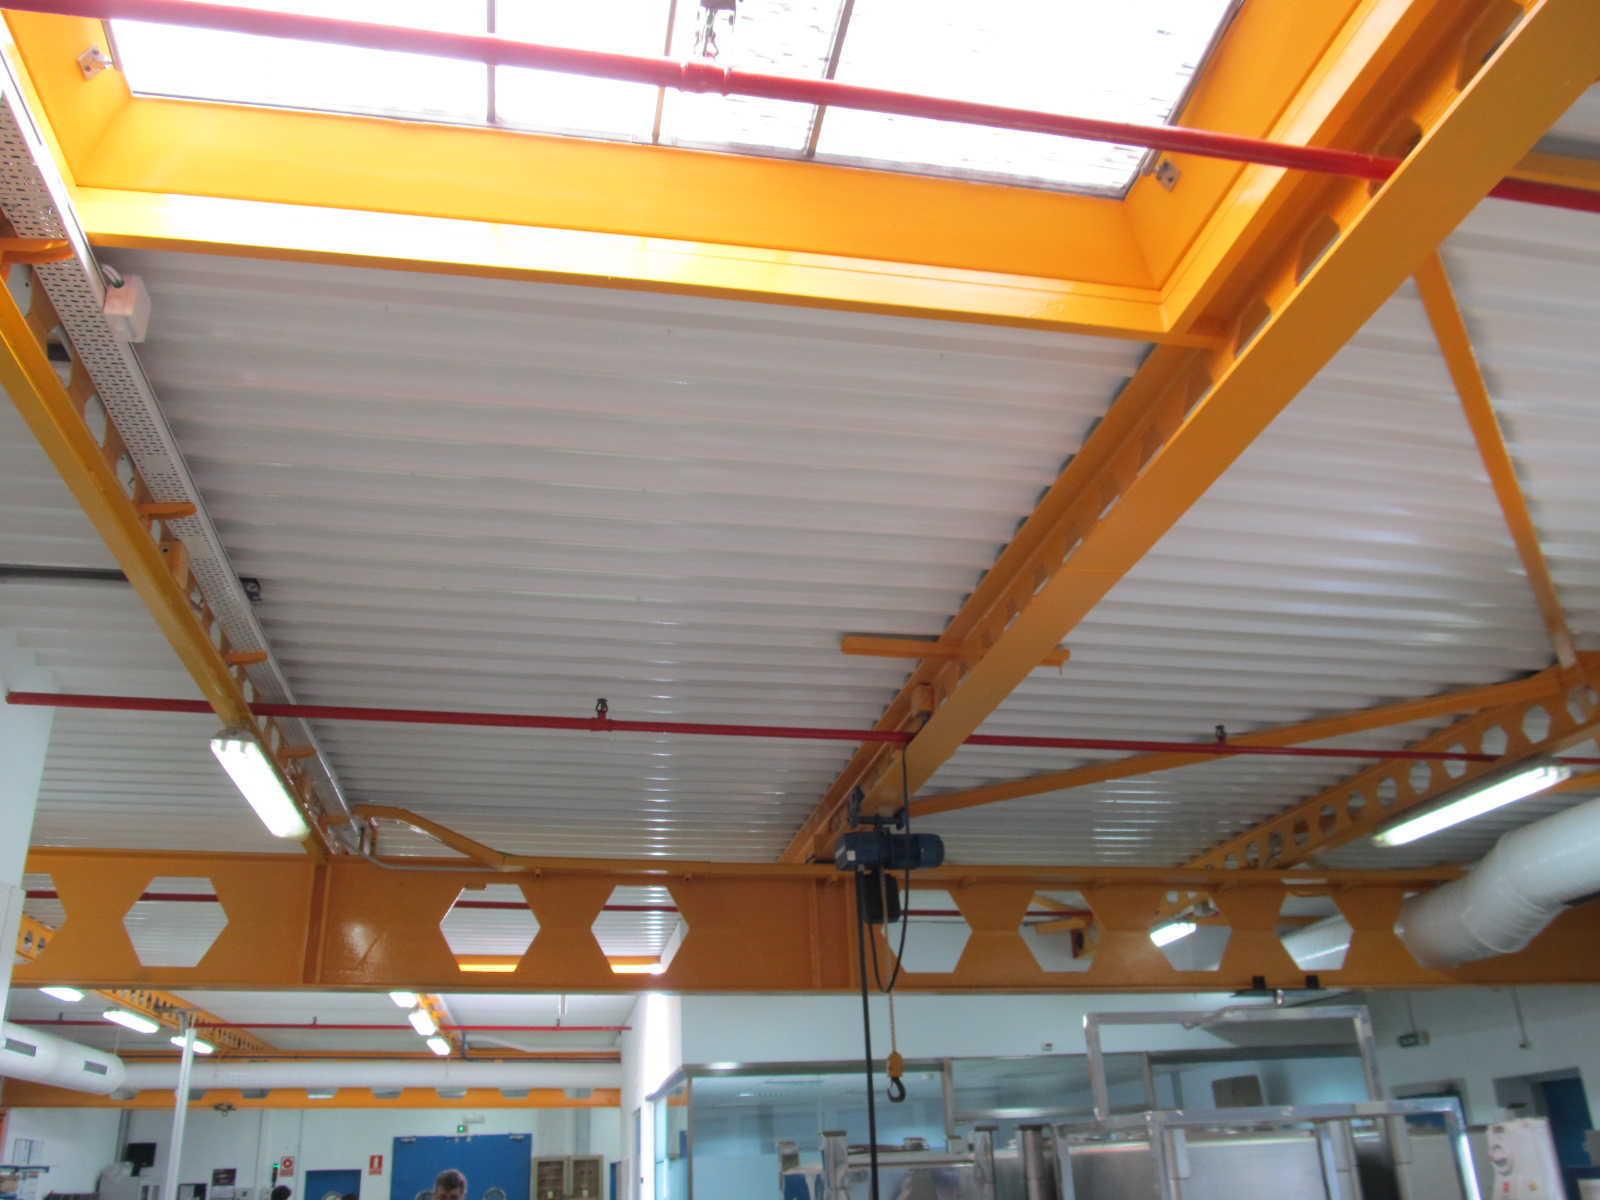 Bancadas Laboratorios Roche en Leganés (Madrid)</br></br> 2014</br></br> <h4>Cliente: Leyser Proyectos y Construcción S.A.</h4>